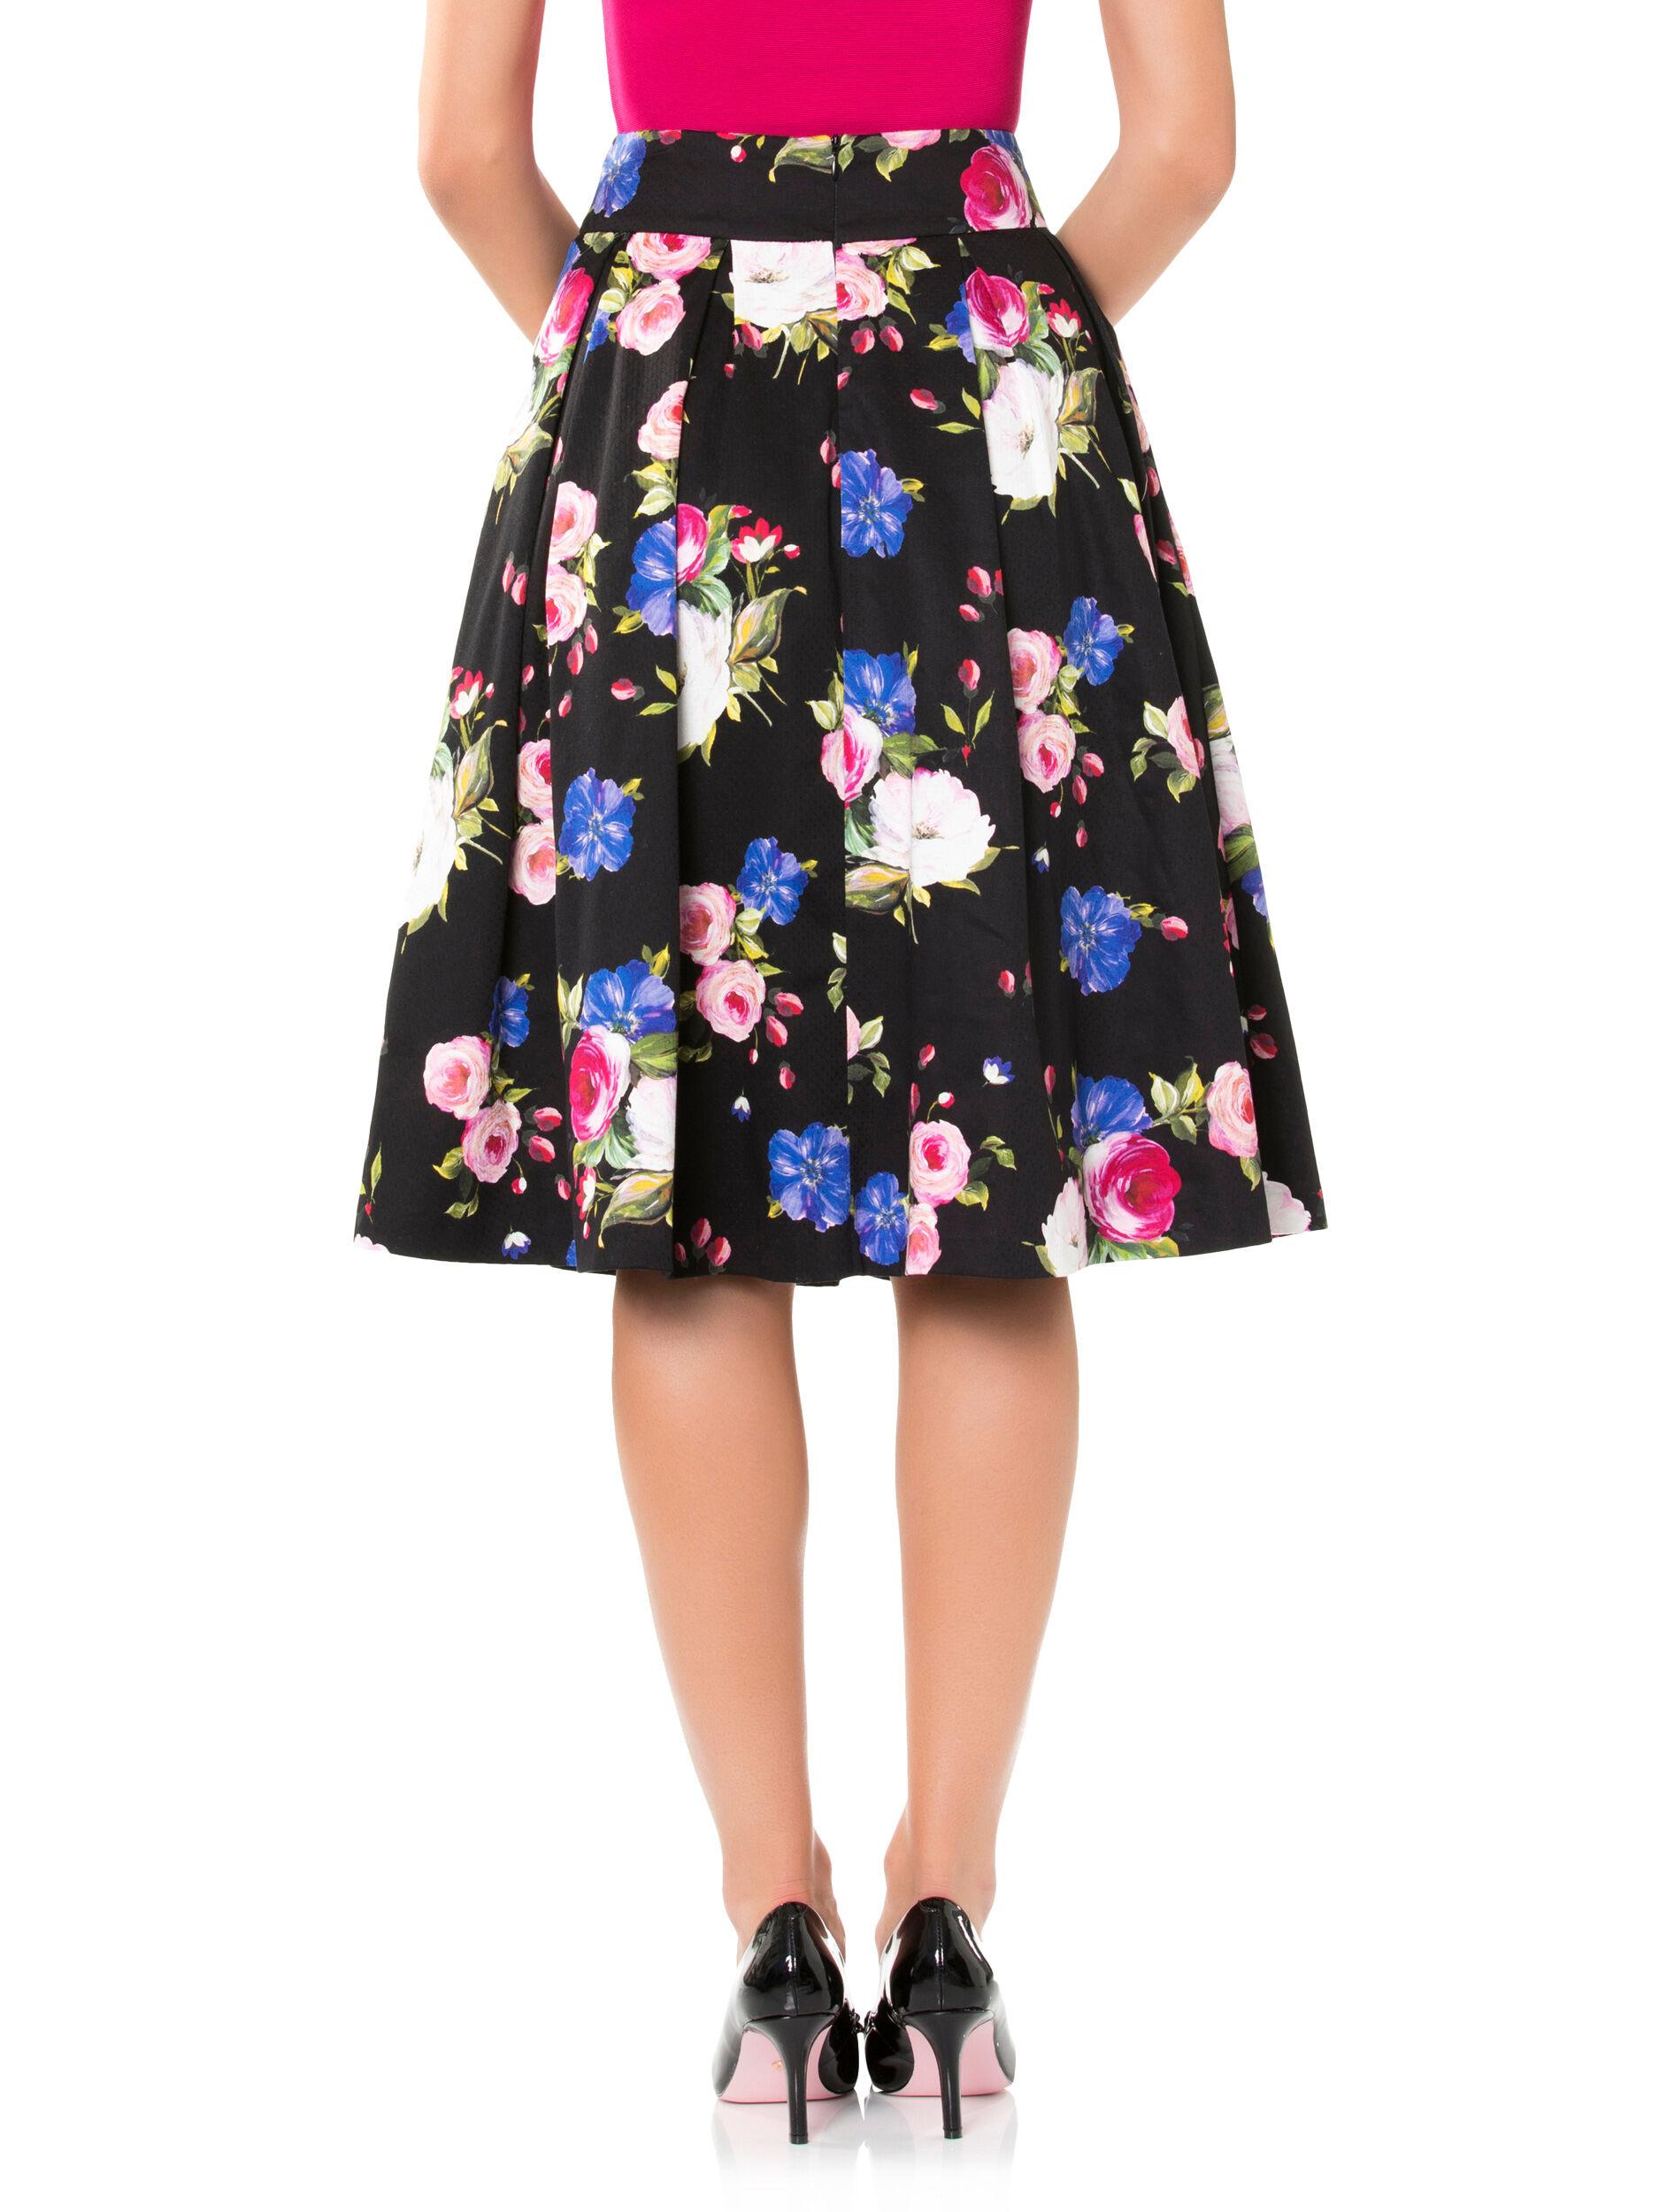 Mi Amore Floral Skirt